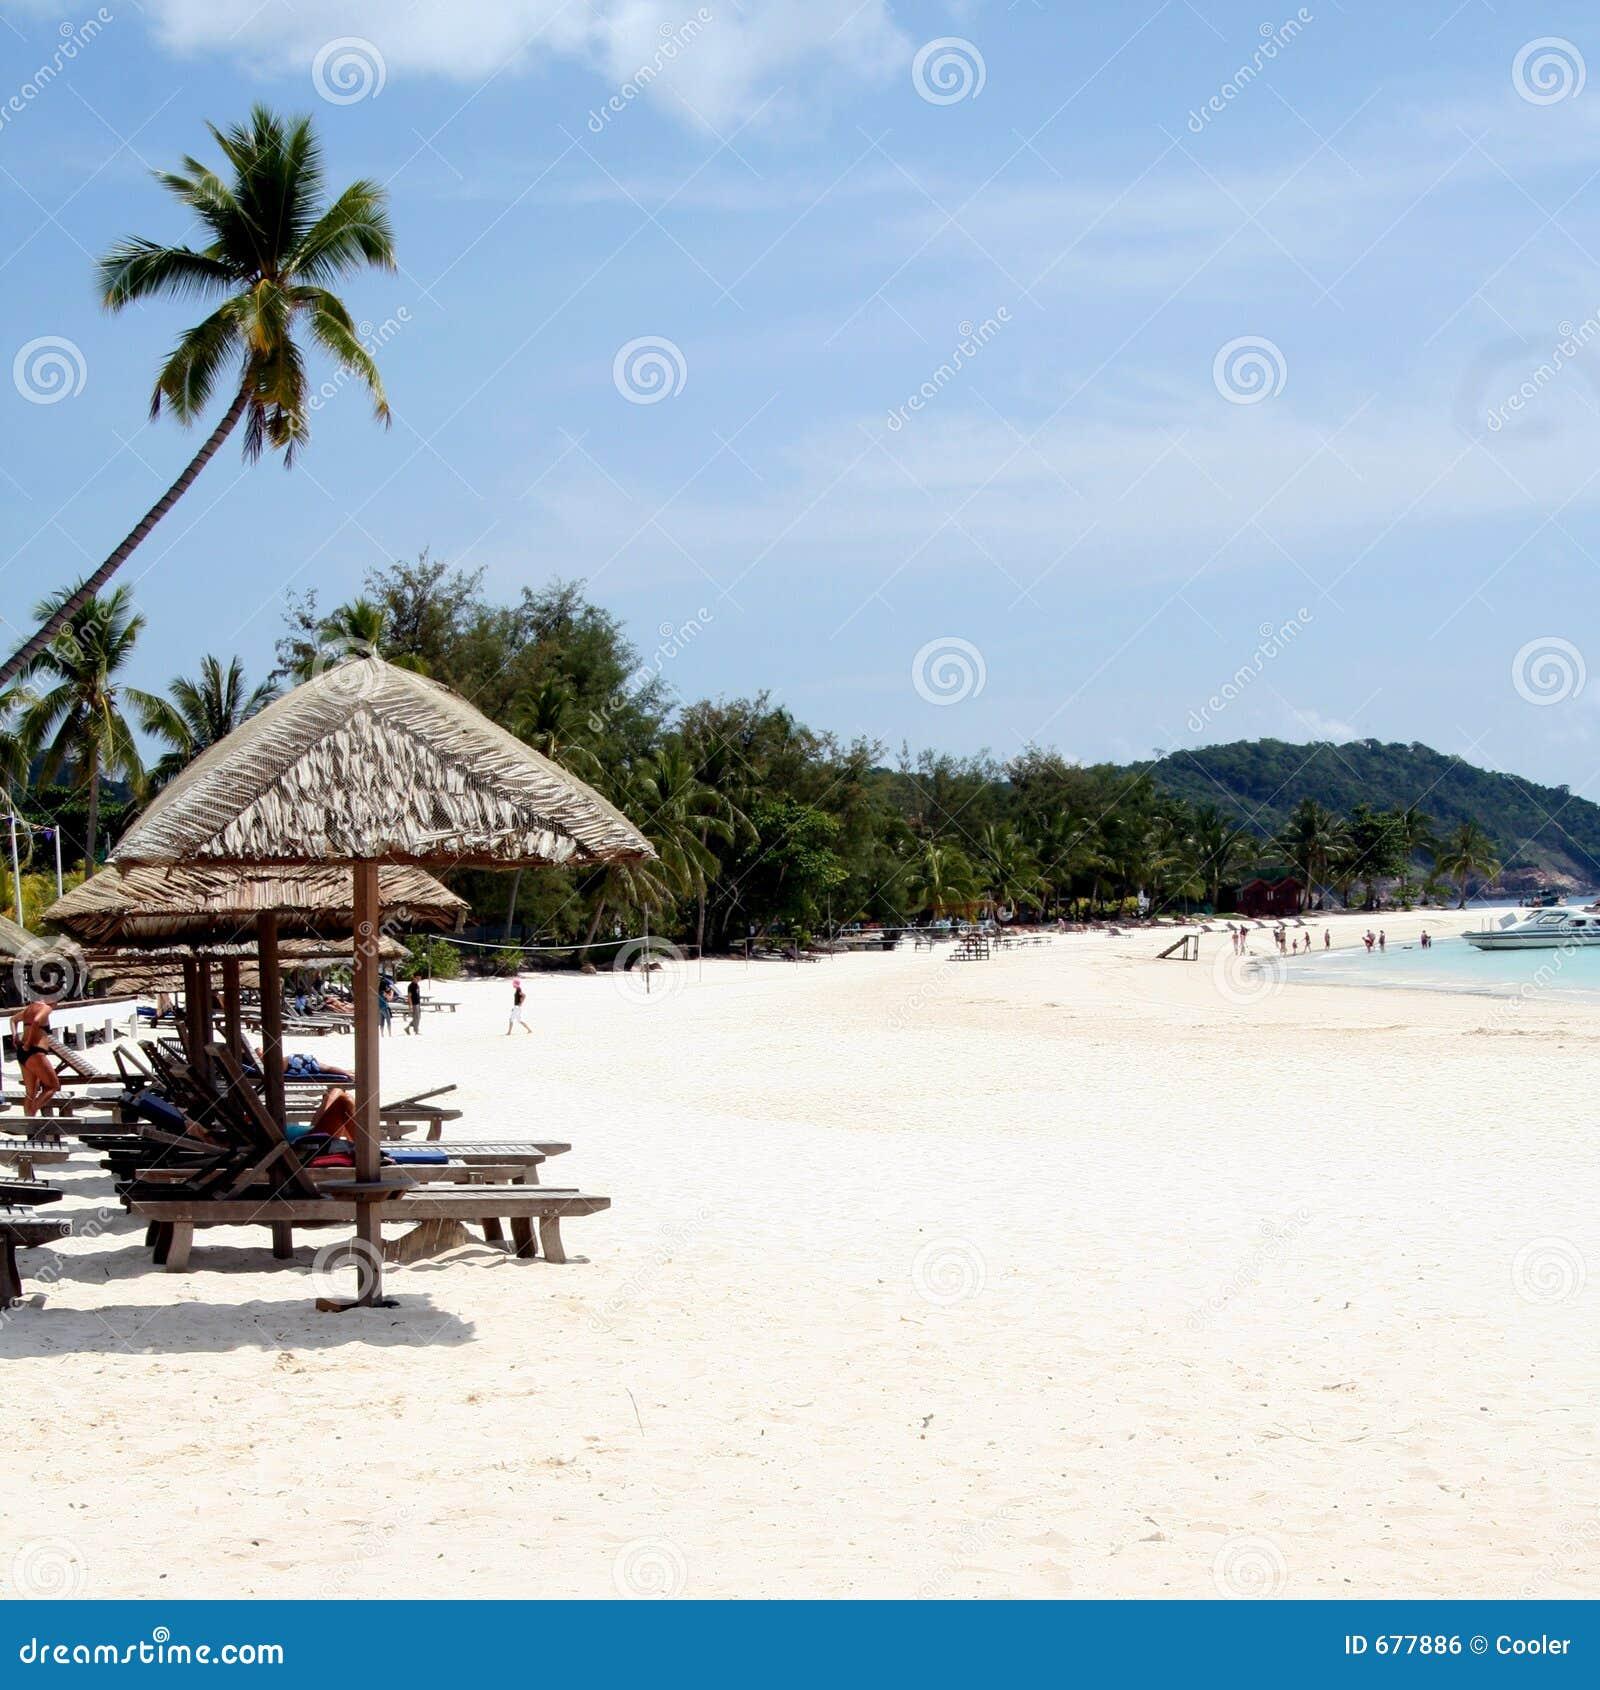 Malaysia Beaches: Malaysian Beach Stock Photo. Image Of Cabana, Holiday